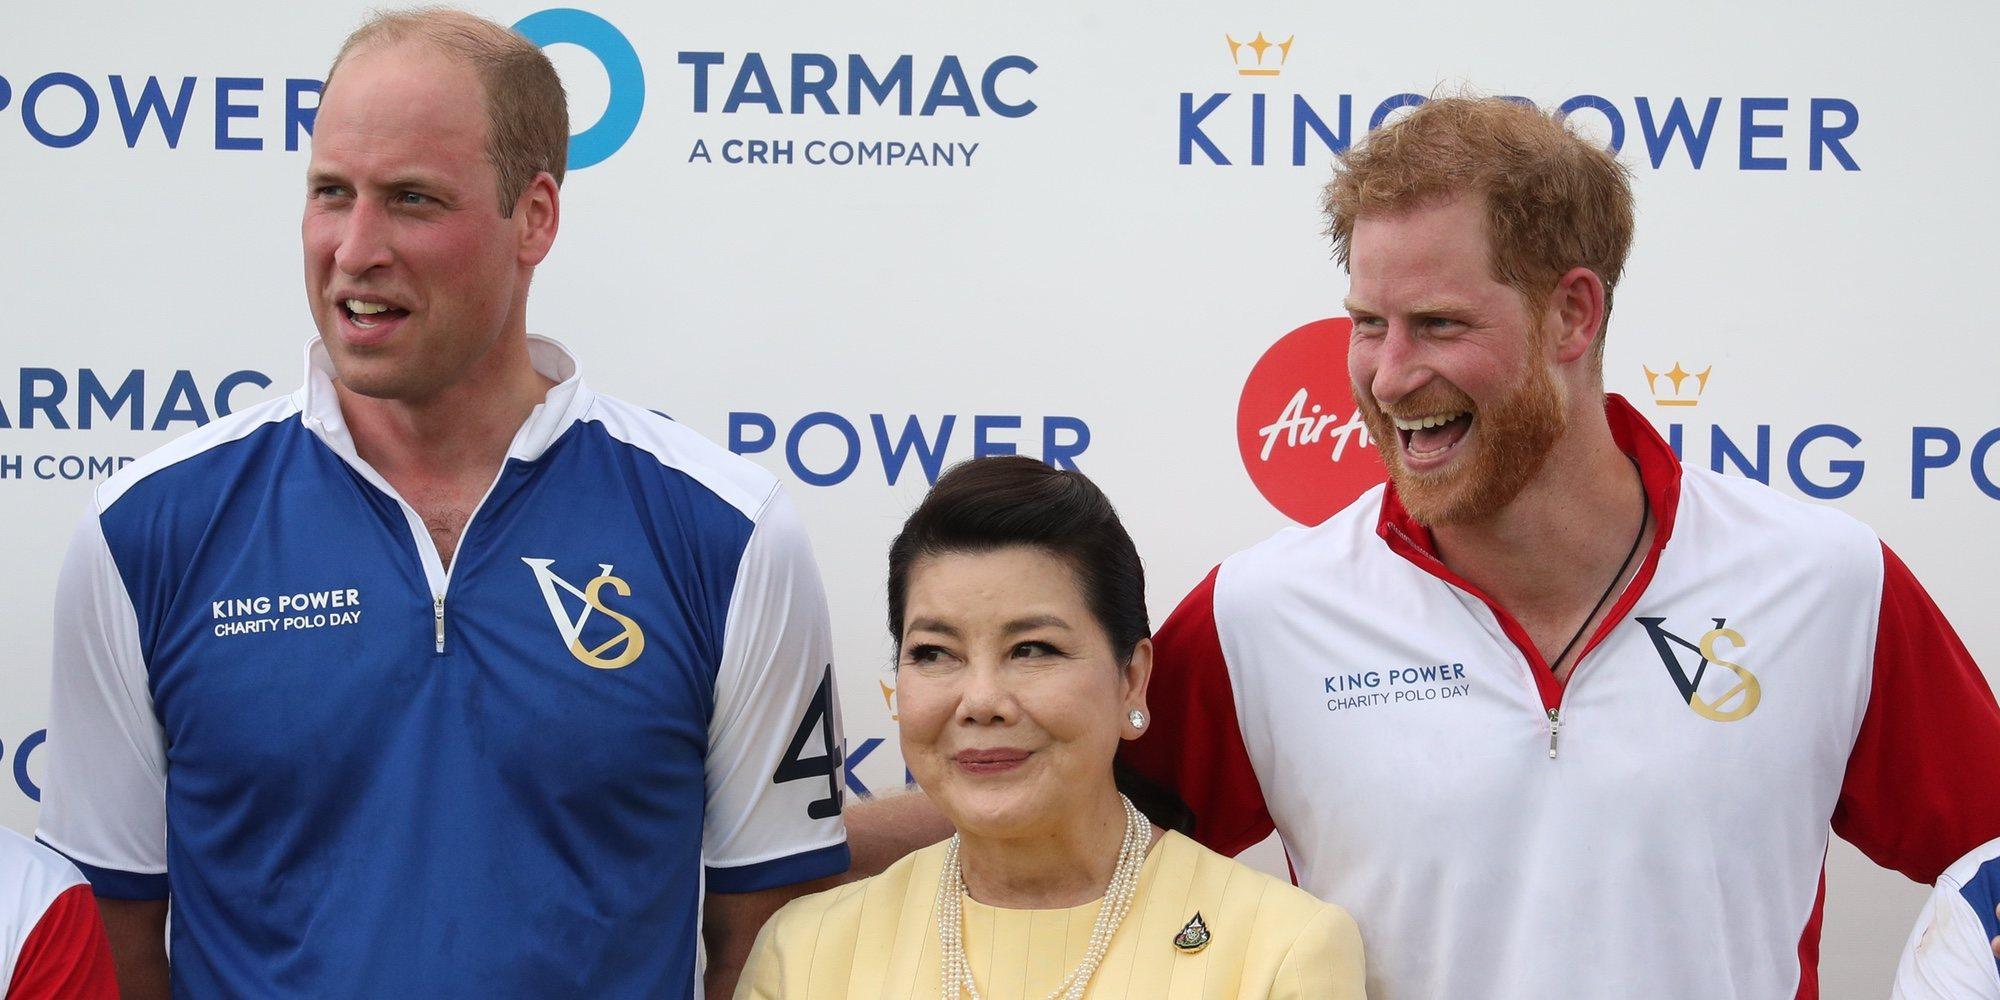 El Príncipe Guillermo y el Príncipe Harry, rivales pero amigos en el partido que unió a Kate Middleton y Meghan Markle